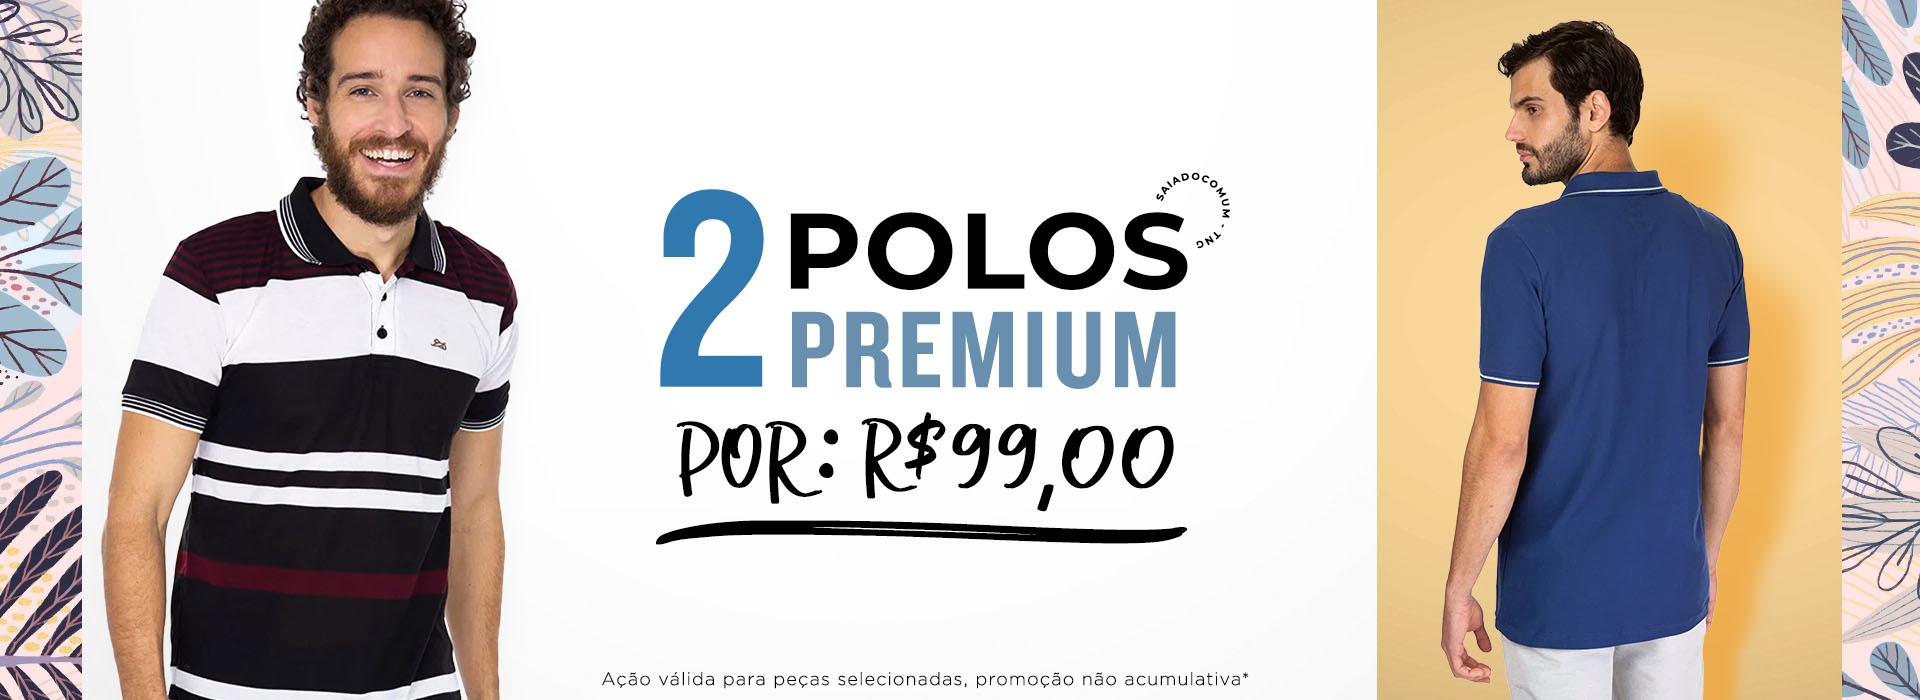 2 POLOS R$ 99,00